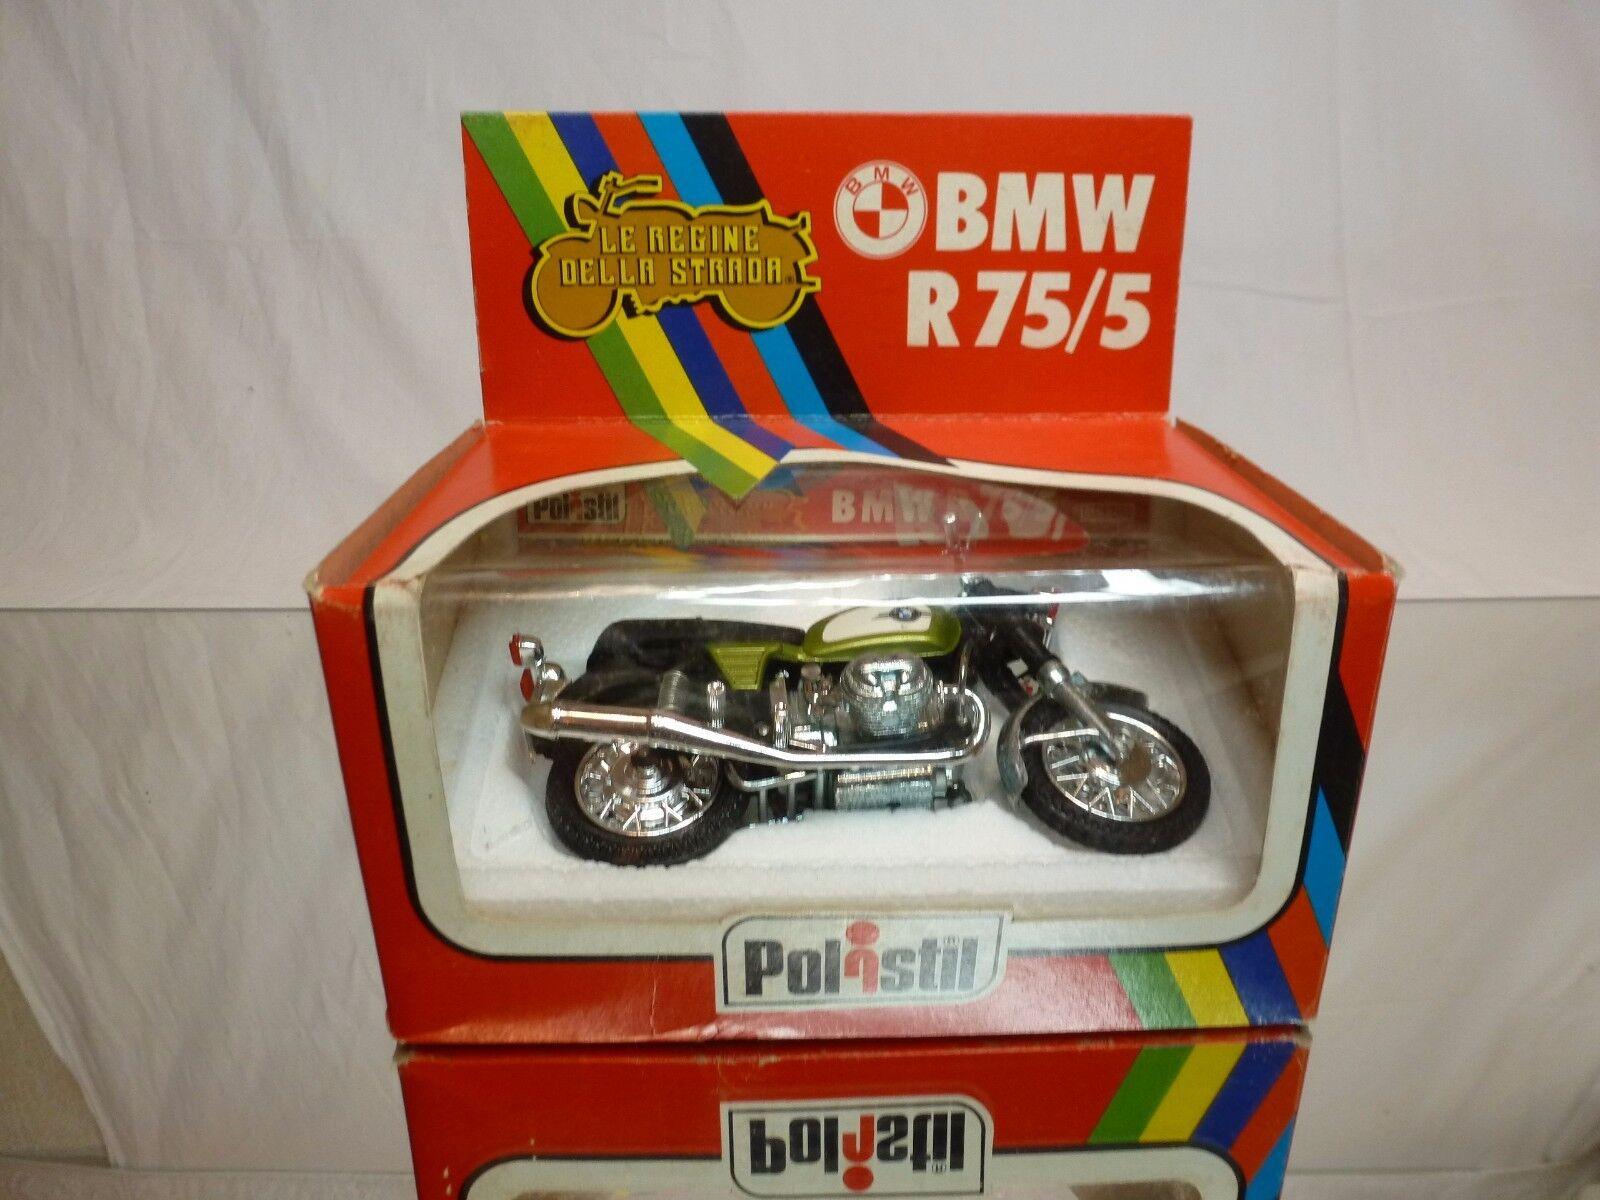 POLISTIL MS605 BMW R75 R75 R75 R 75 5 - GREEN METALLIC 1 15 - GOOD CONDITION IN BOX b055ab